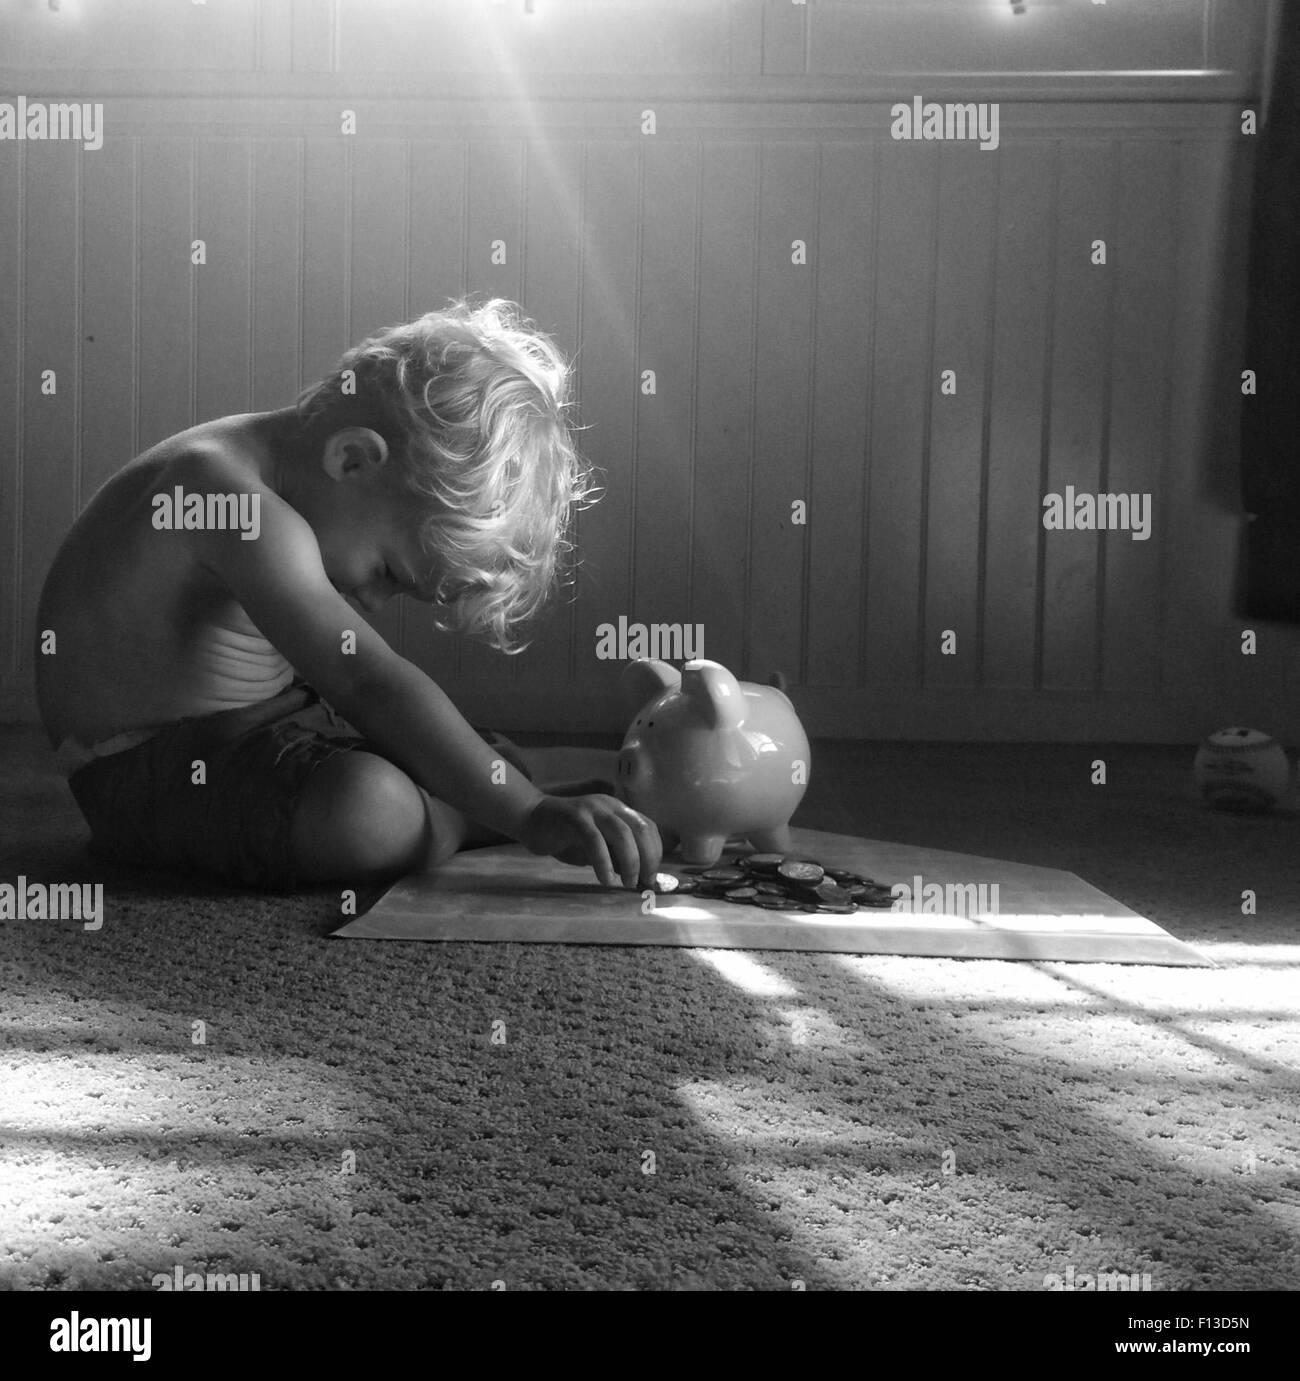 Bambino seduto sul pavimento conteggiare denaro Immagini Stock